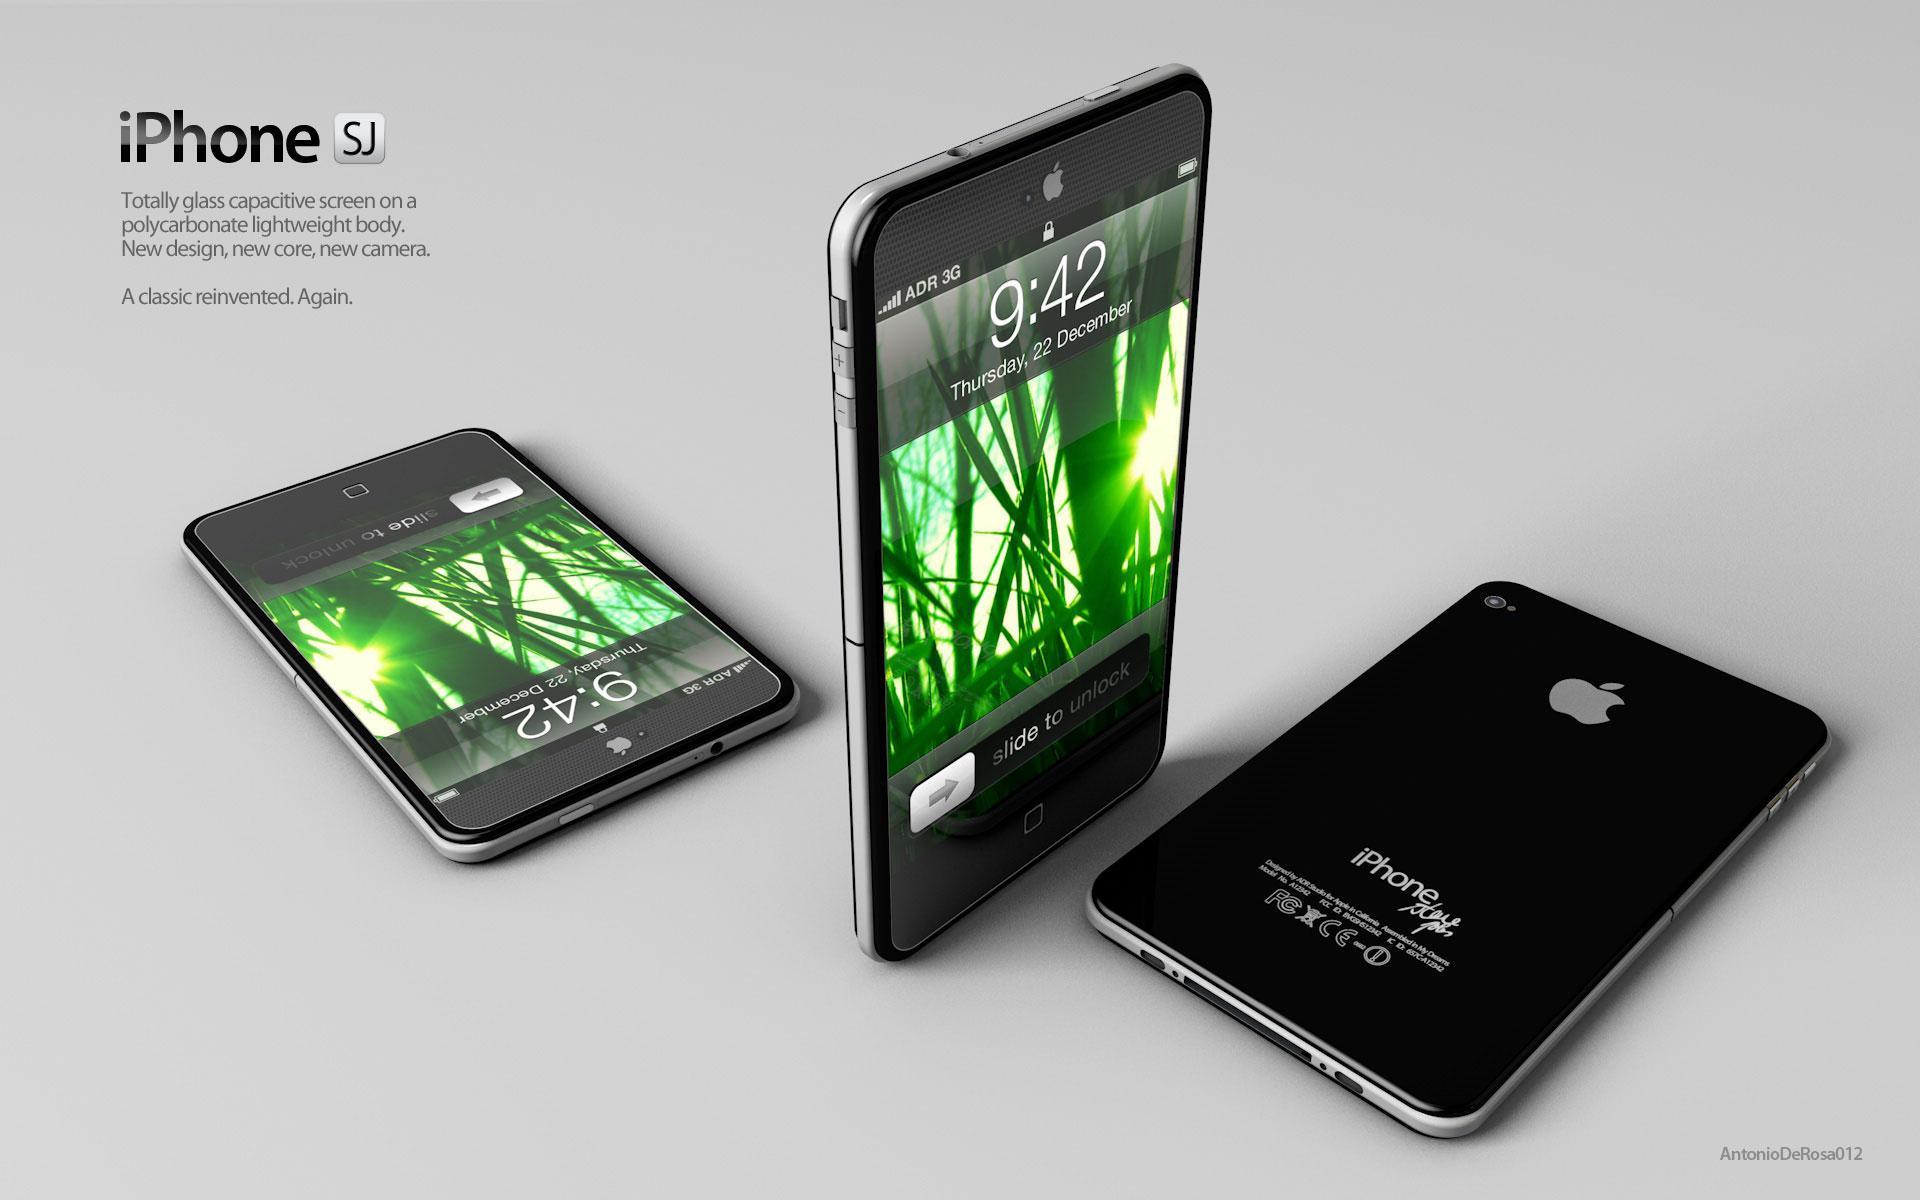 iPhoneSJ_2.jpg (1920×1200)